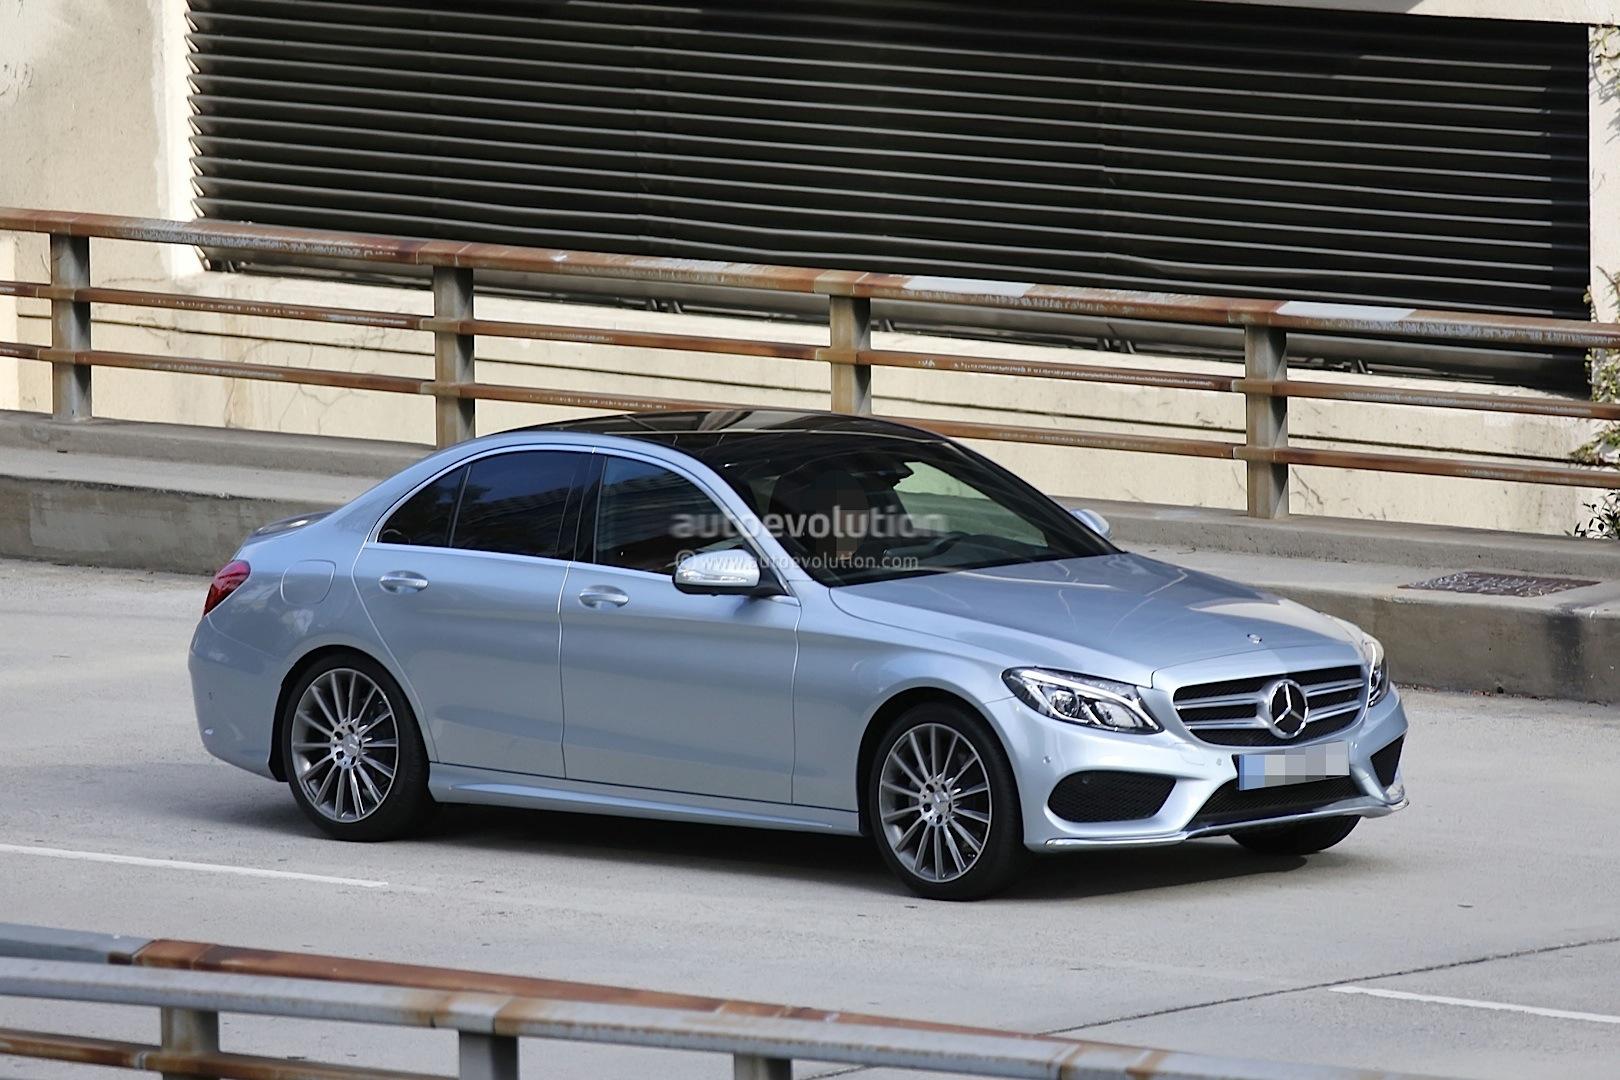 2015 Mercedes Benz C 220 Bluetec W205 Vs 2014 C 220 Cdi W204 Autoevolution